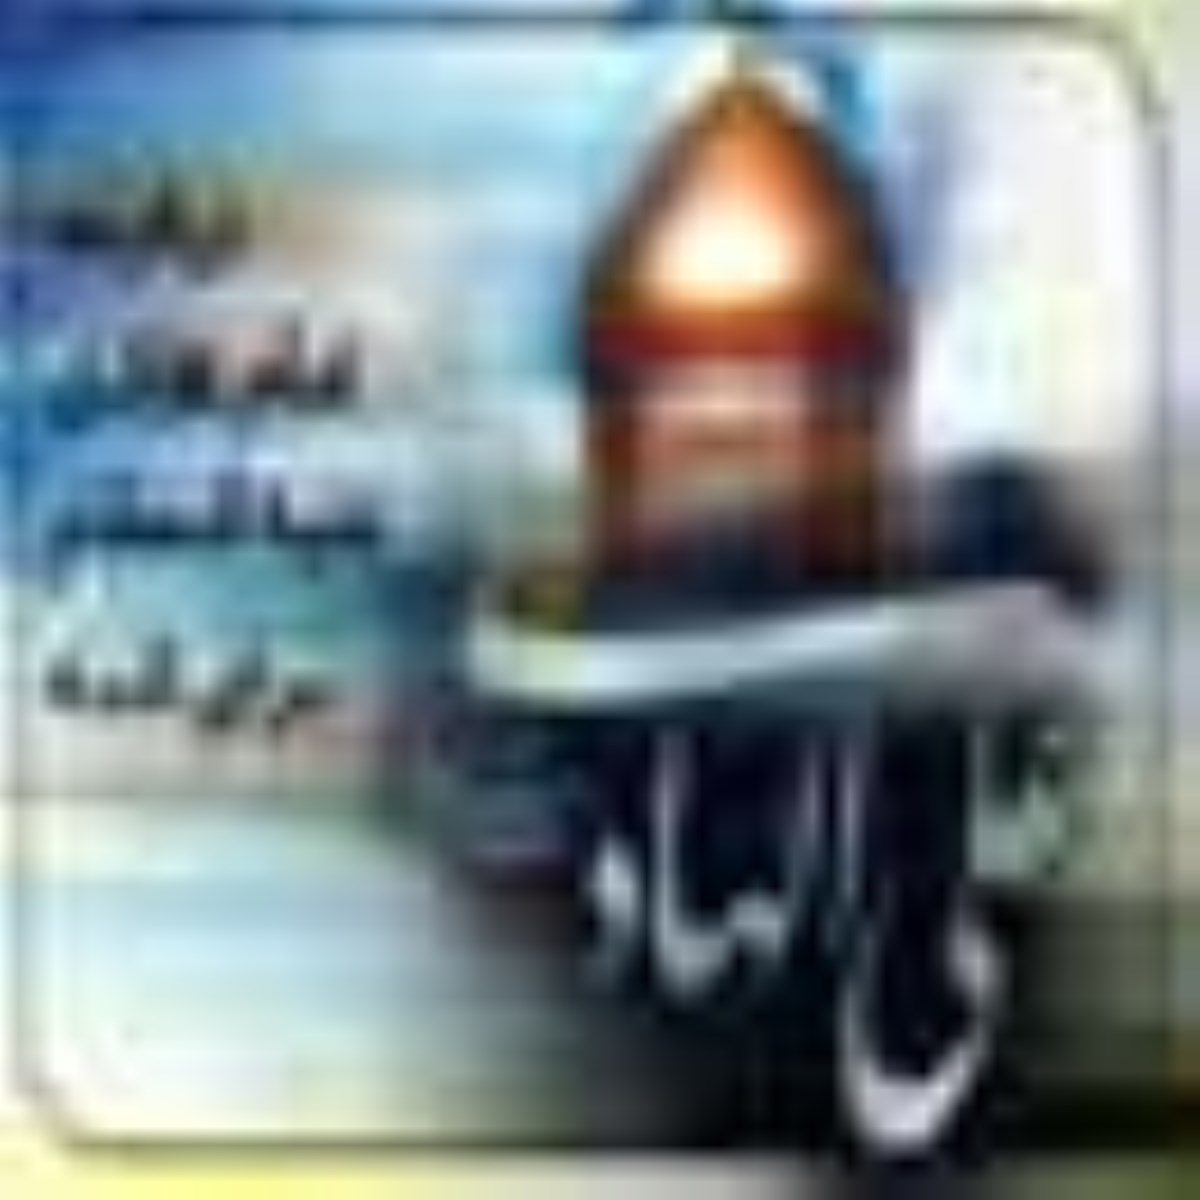 زيارات امام هادی(علیه السلام) براى ائمه (علیهم السلام )